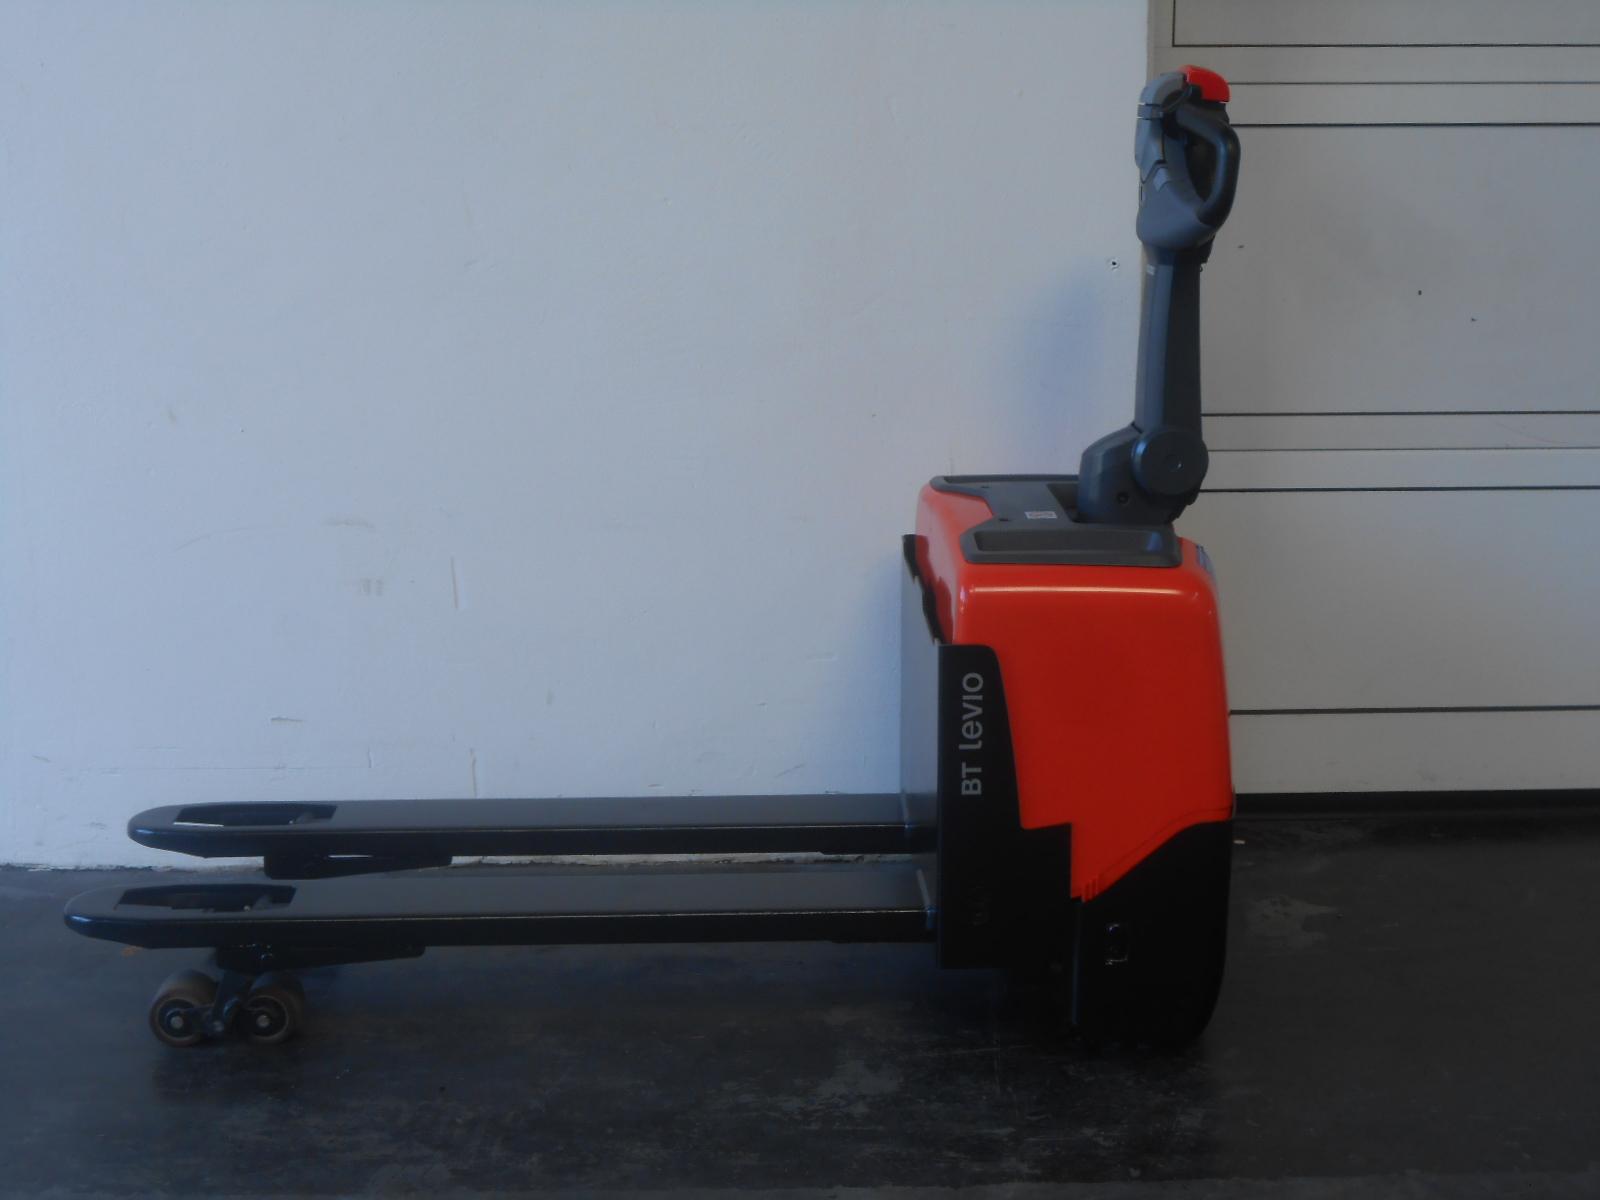 Toyota-Gabelstapler-59840 1804039867 1 94